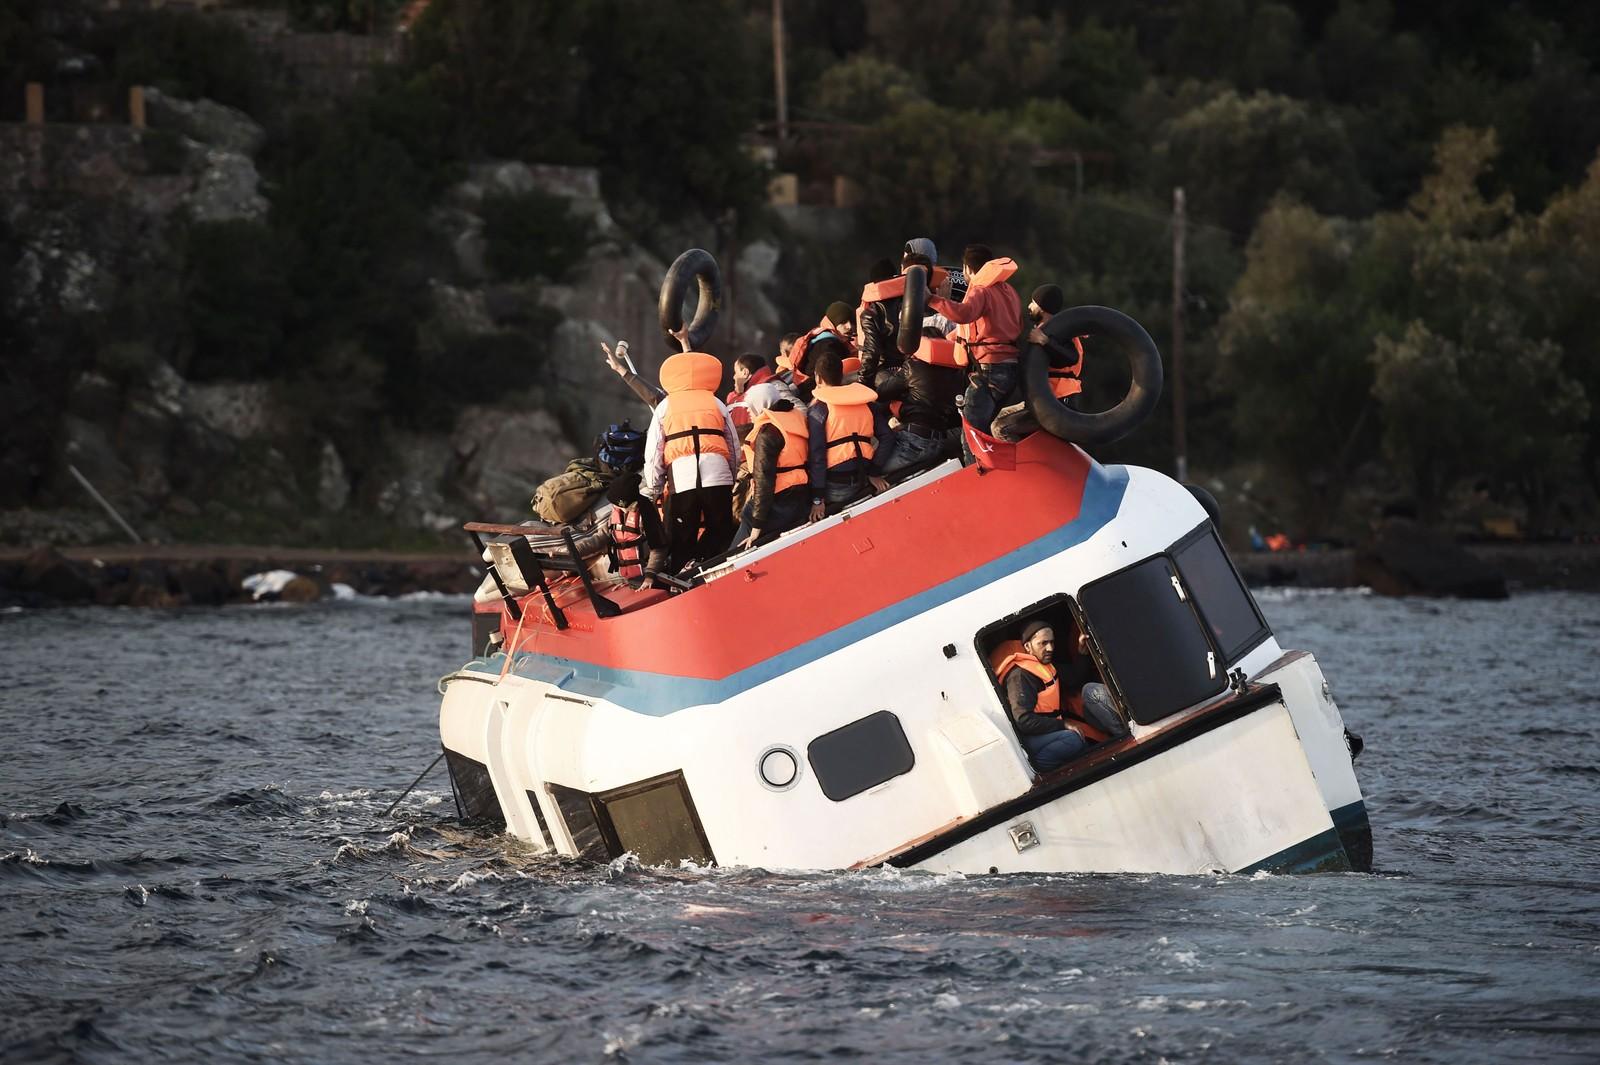 Flyktninger roper om hjelp mens båten deres synker utenfor kysten av Lesvos 30. oktober 2015.